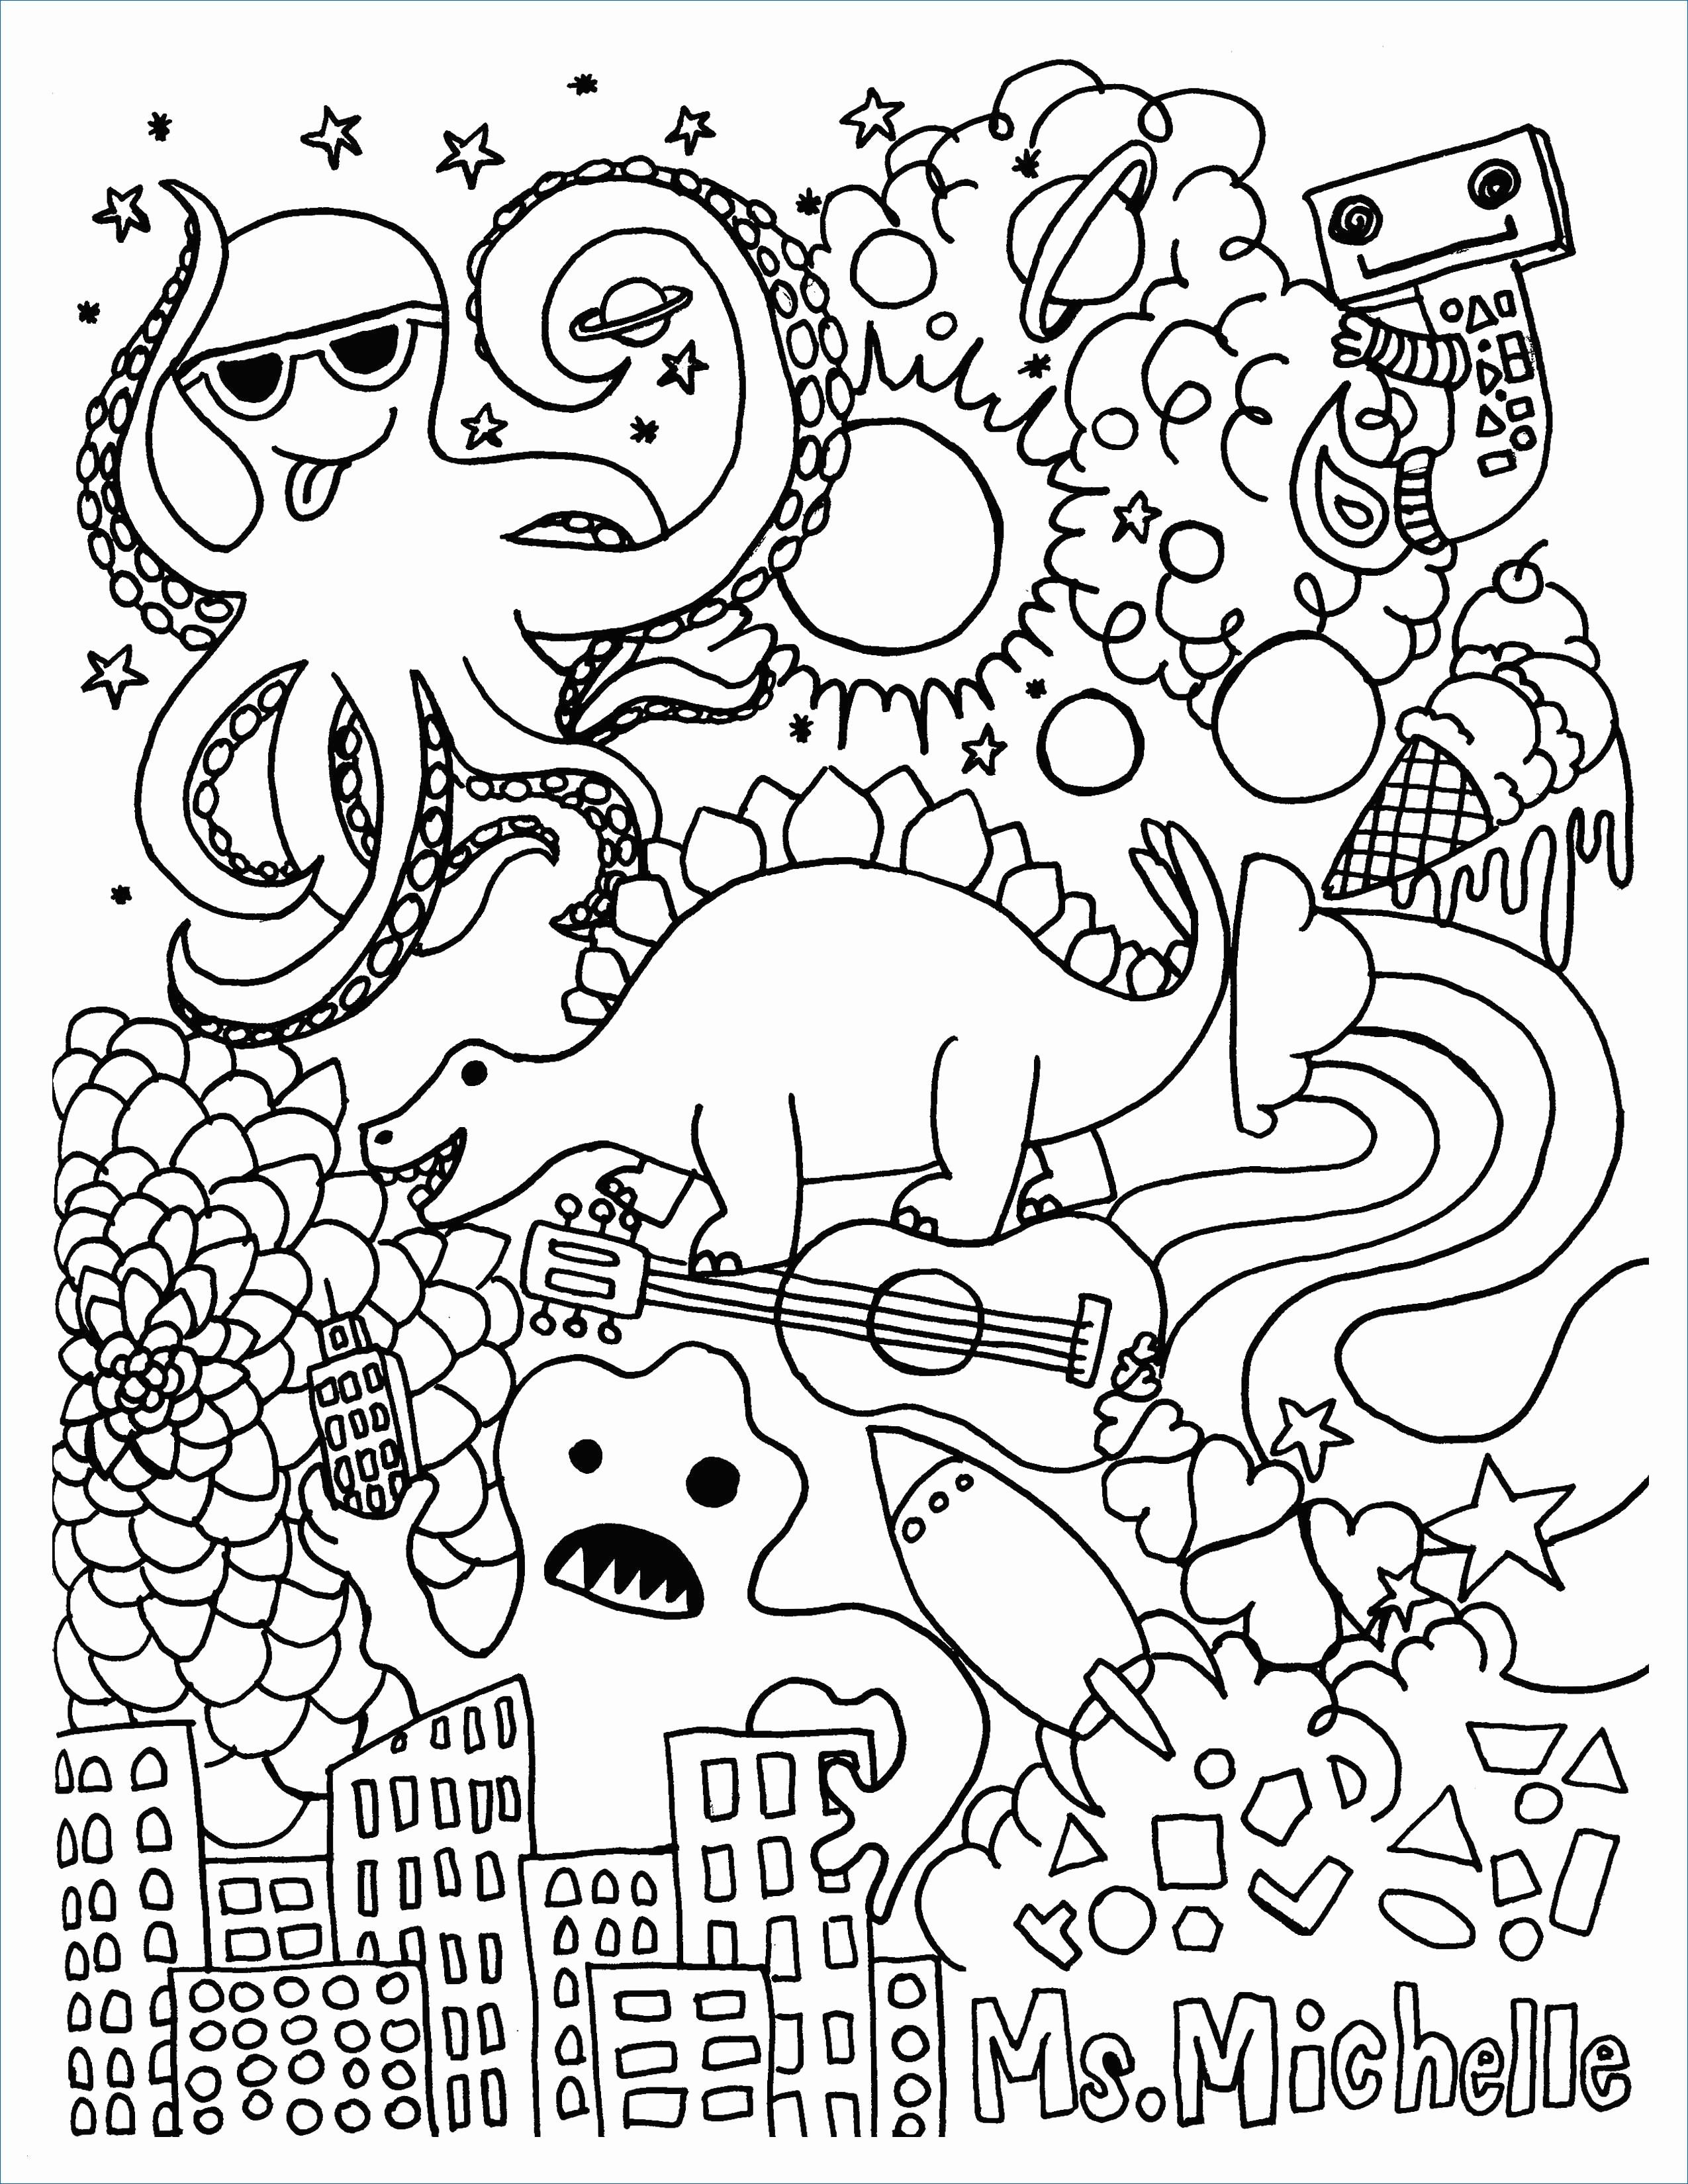 Mia and Me Ausmalbilder Das Beste Von Coloring for Me Best 40 Mia Me Ausmalbilder Scoredatscore Bild